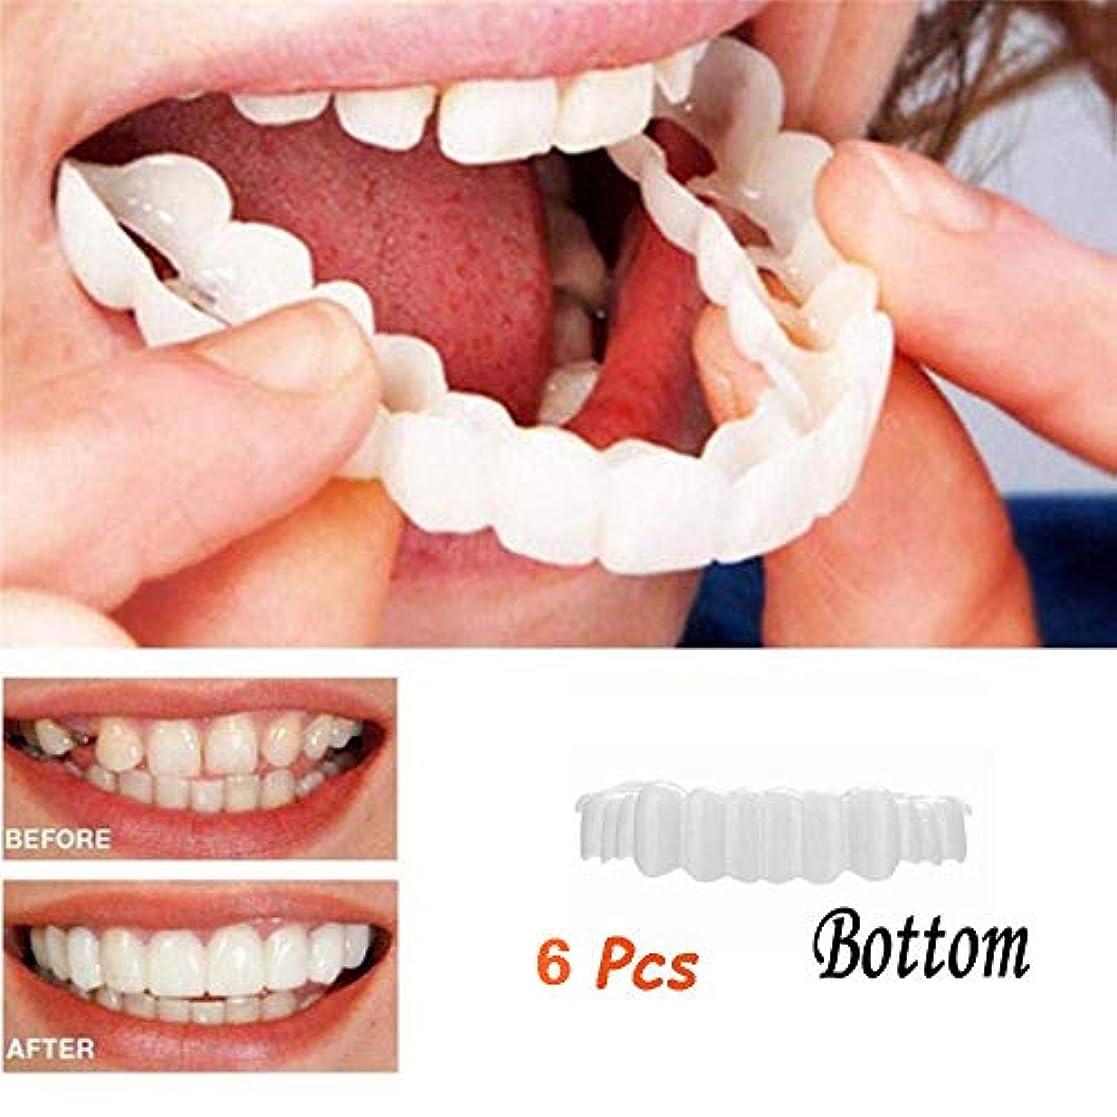 既婚モニカ政治家6本底化粧品の歯の快適さフィットフレックス化粧品の歯義歯歯低歯のホワイトニングスナップオンインスタント笑顔サイズフィット